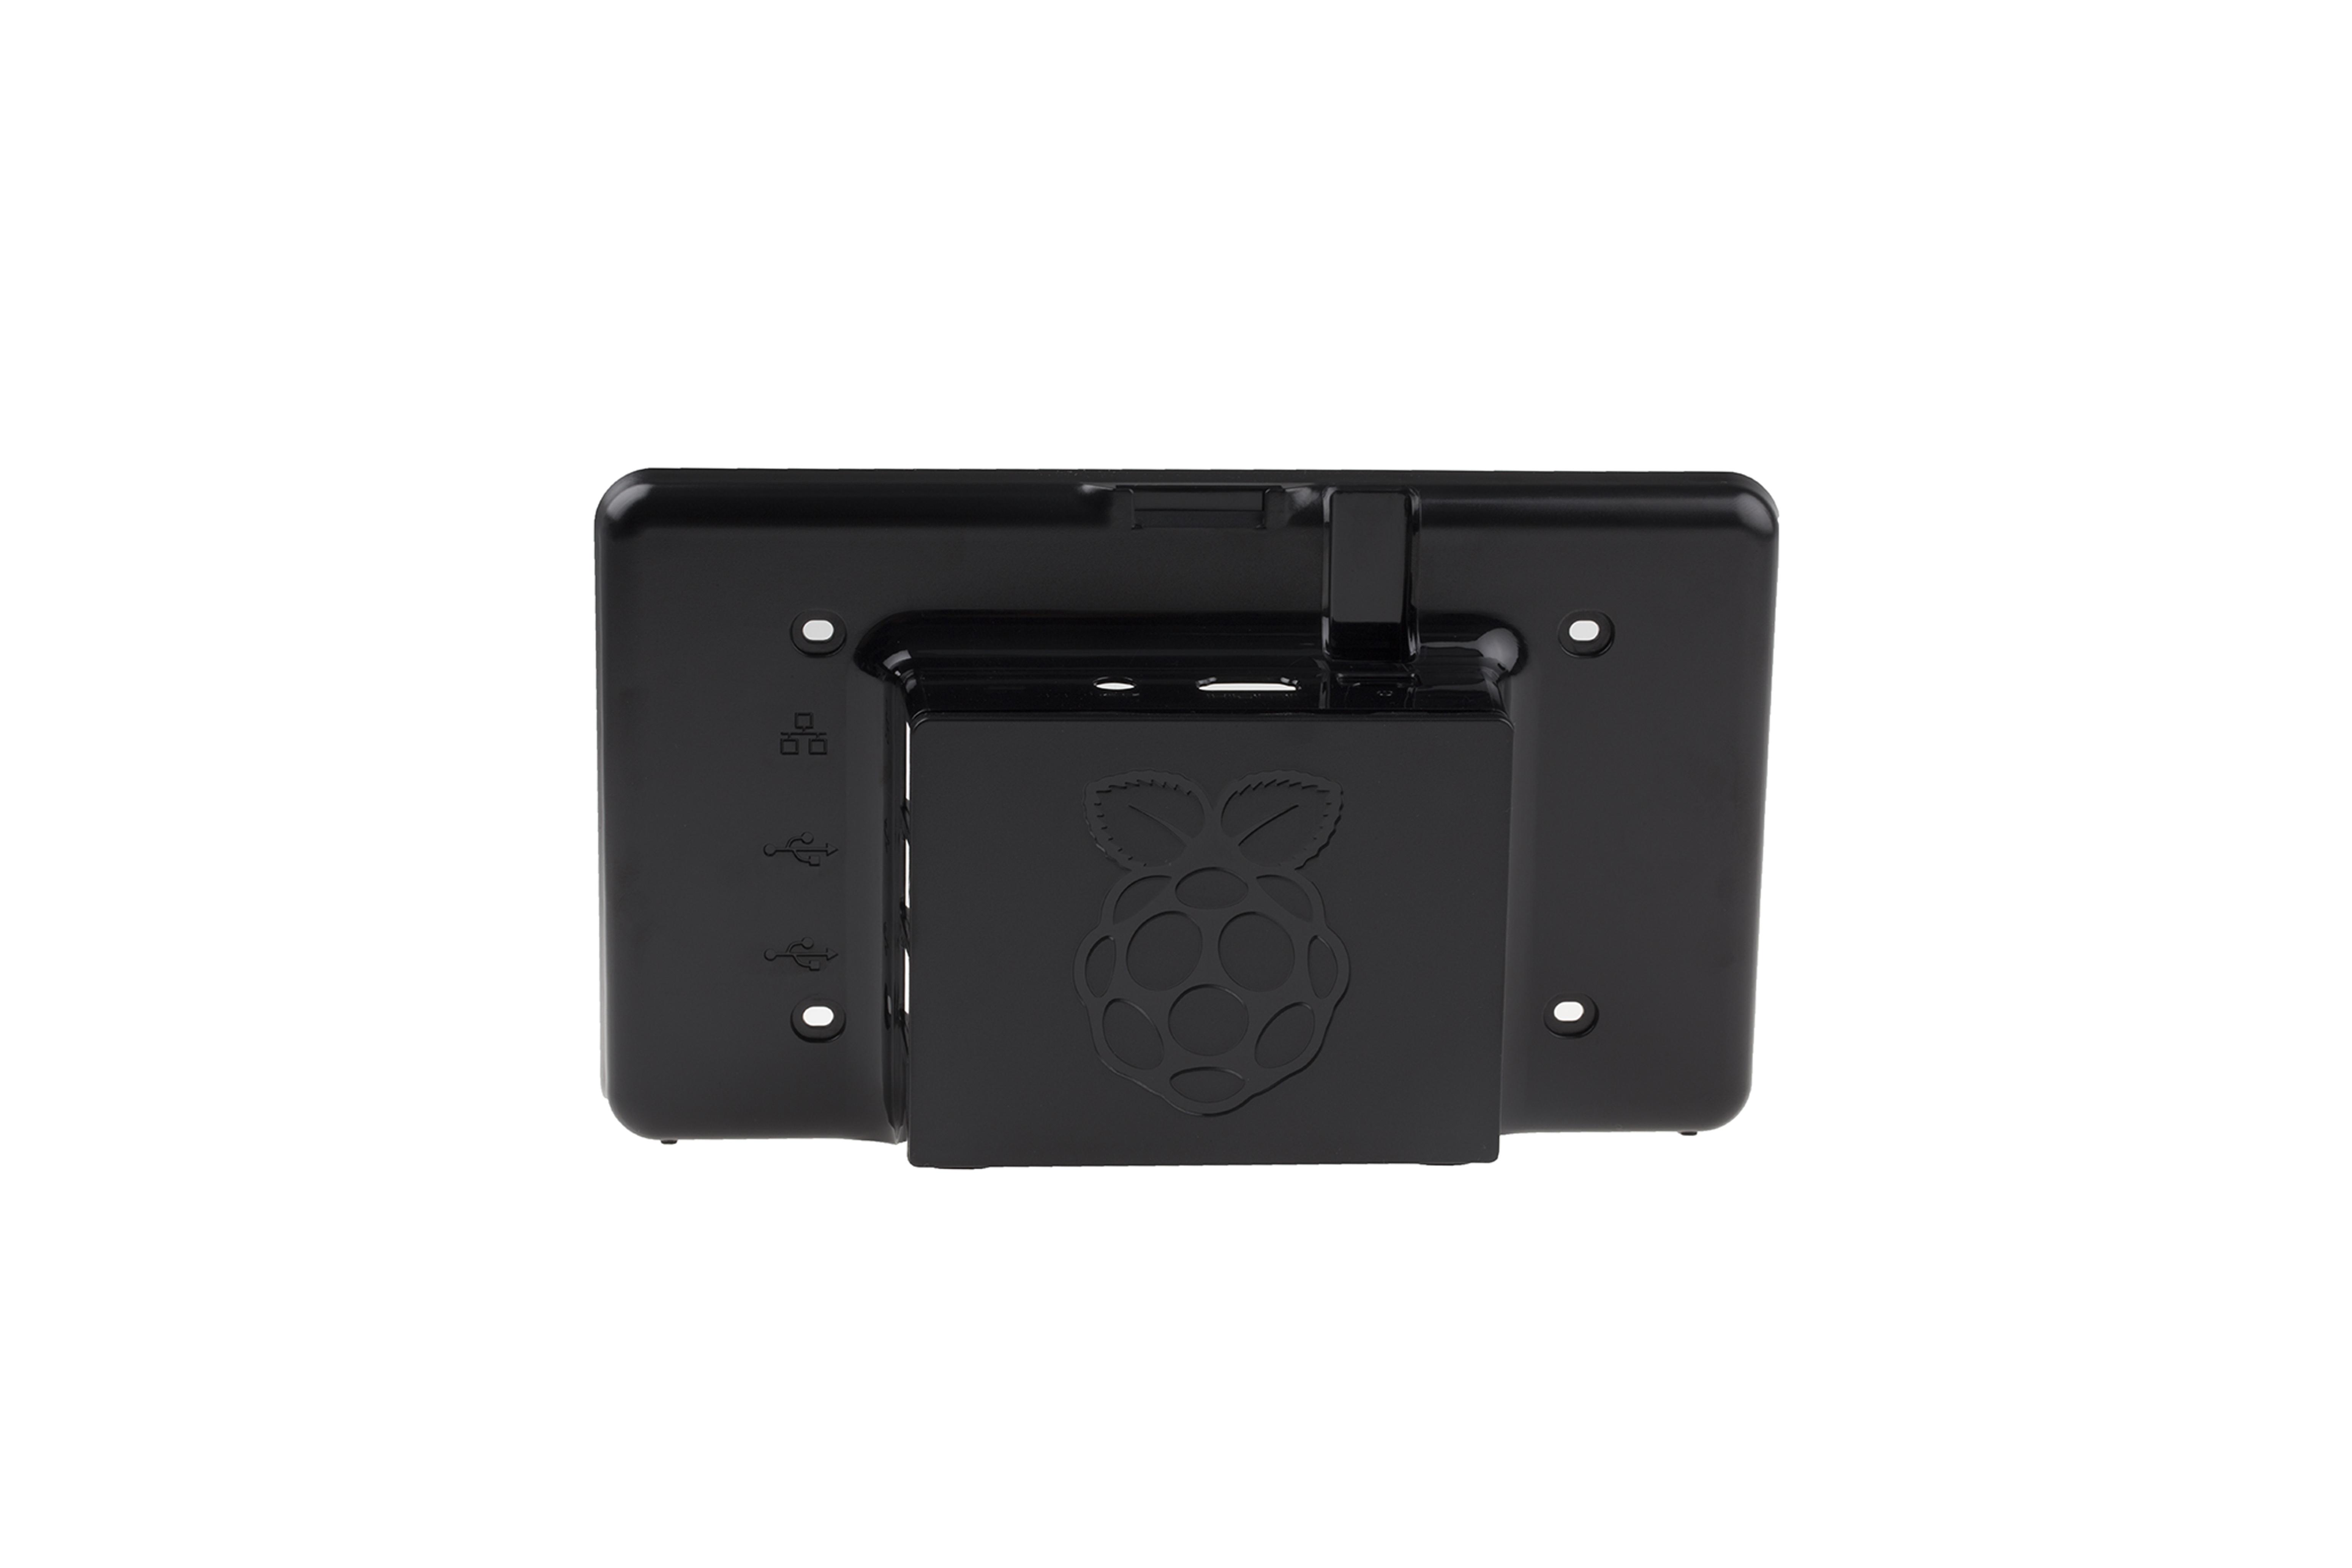 Touchscreen-Gehäuse für RaspberryPi - schwarz